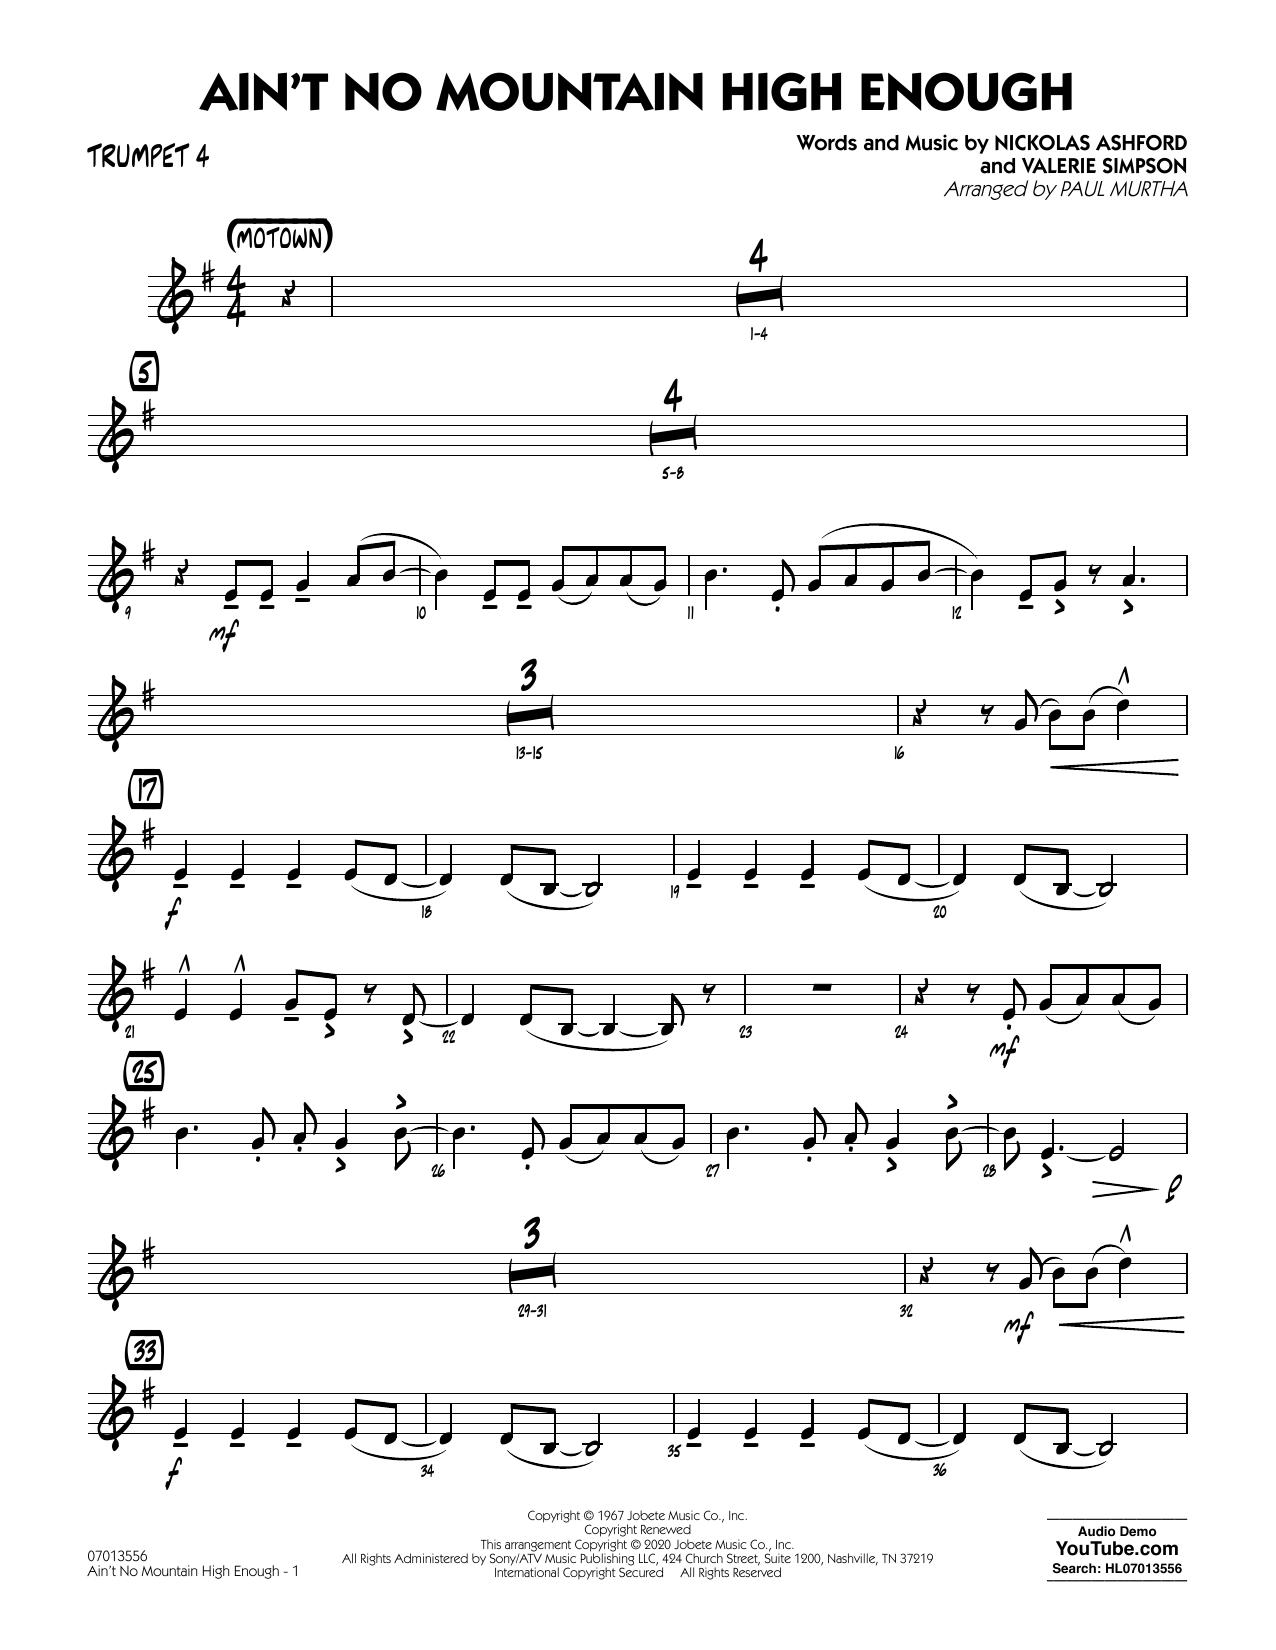 Ain't No Mountain High Enough (arr. Paul Murtha) - Trumpet 4 Sheet Music